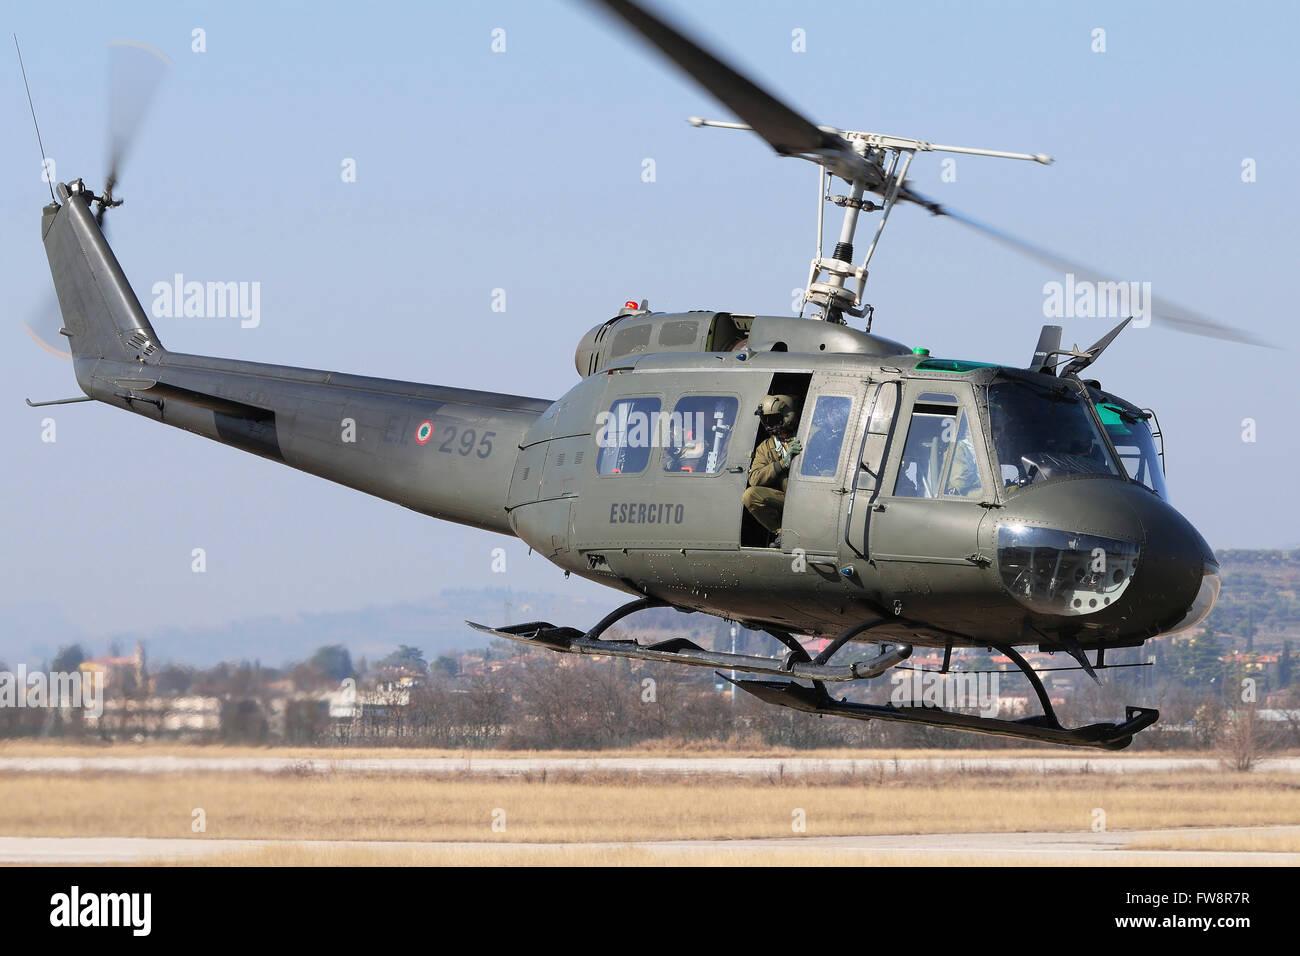 Elicottero 205 : Un esercito italiano ab elicottero decollare per una missione